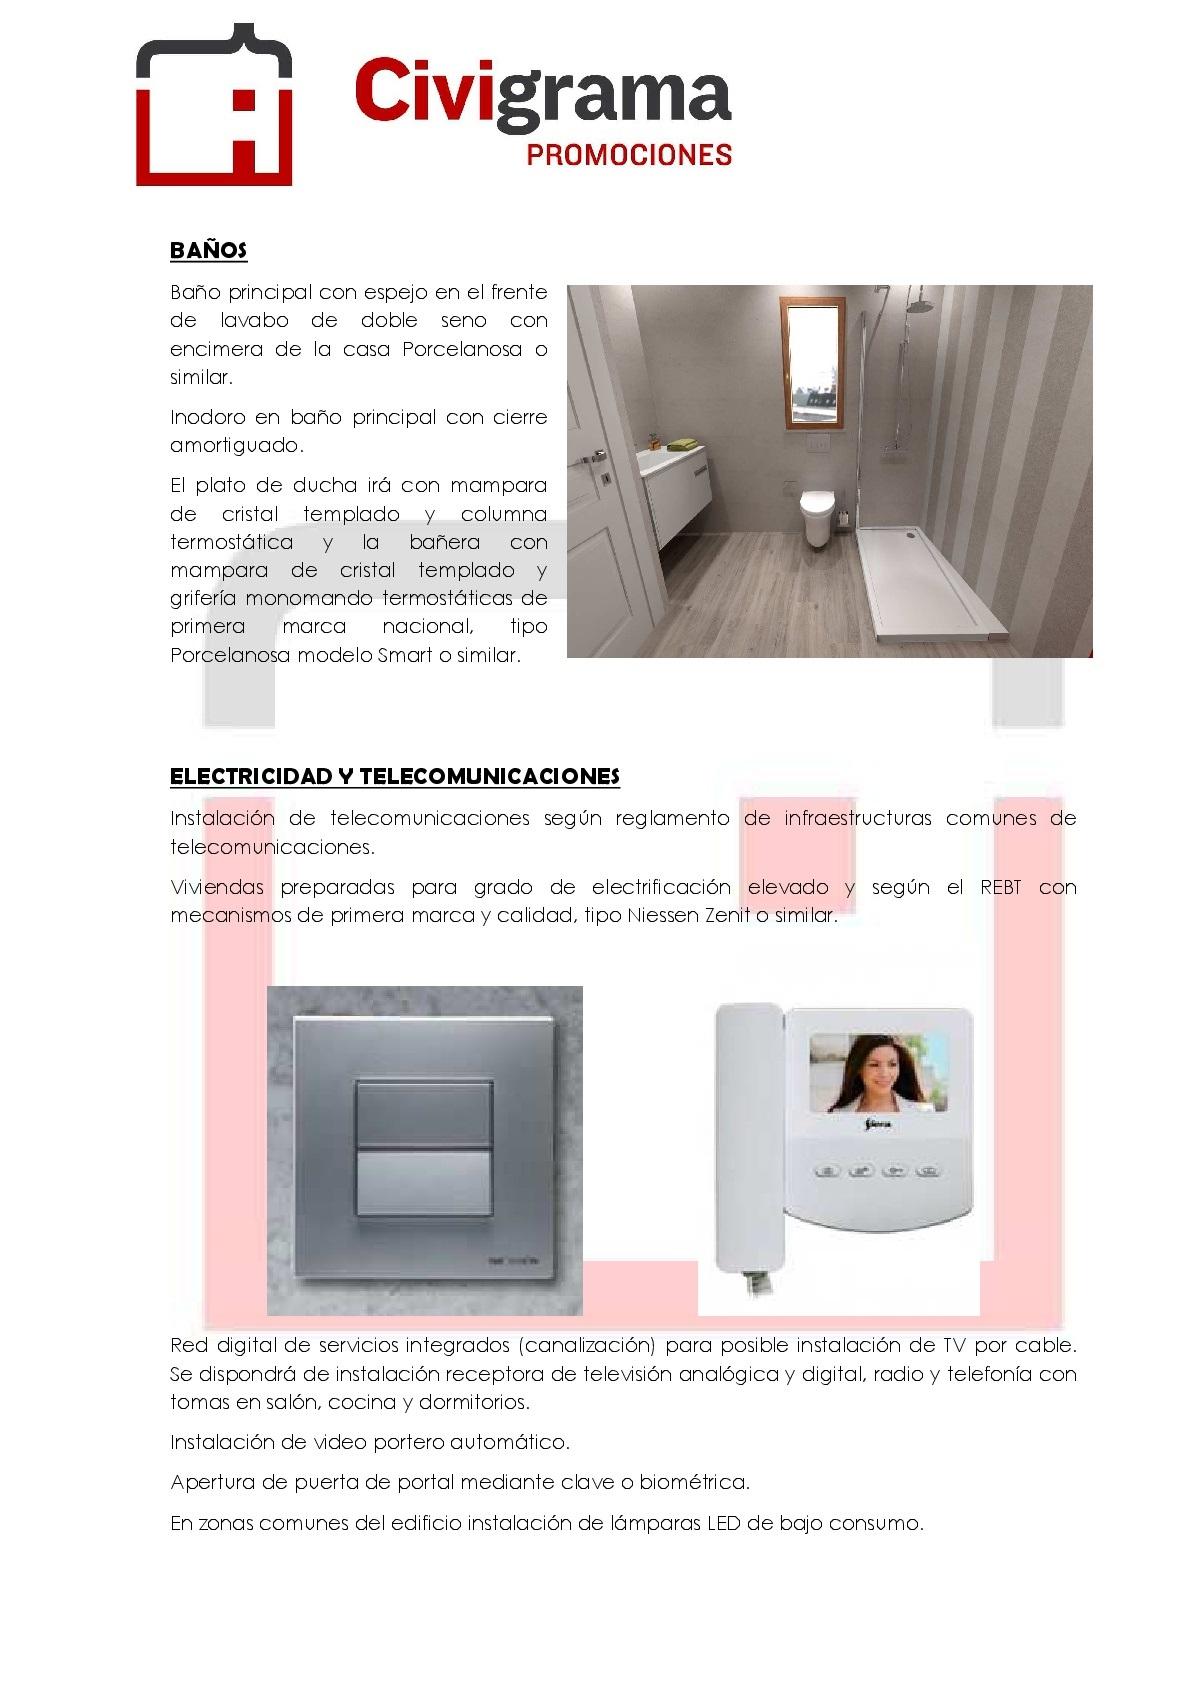 -eu-west-1.amazonaws.com/mobilia/Portals/inmoatrio/Images/3757/2217363